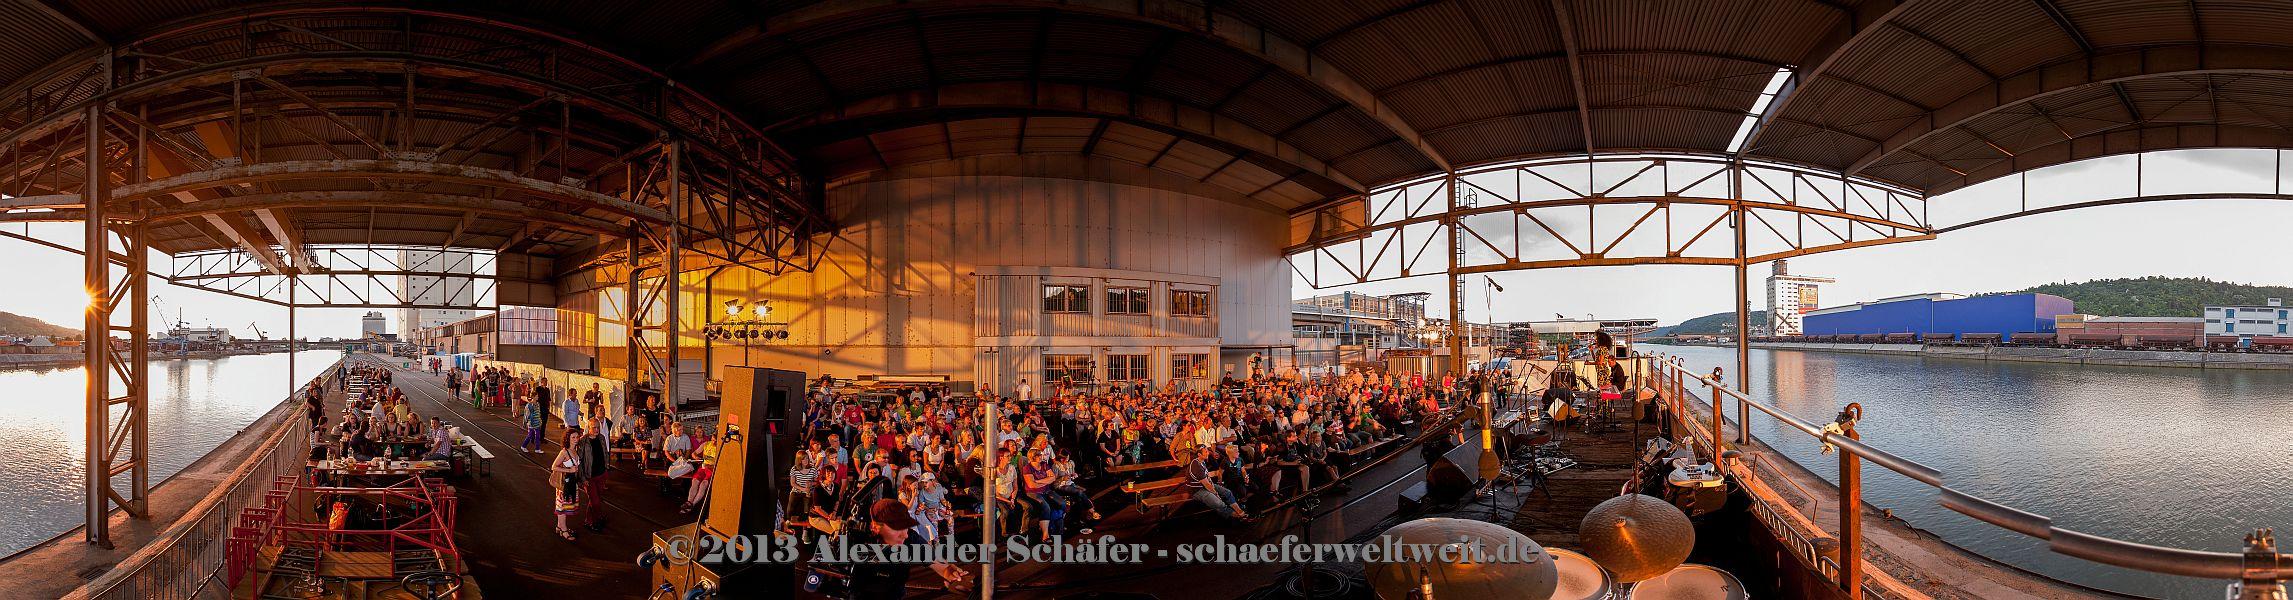 Archivbild - 2. Stuttgarter Hafen-Picknick